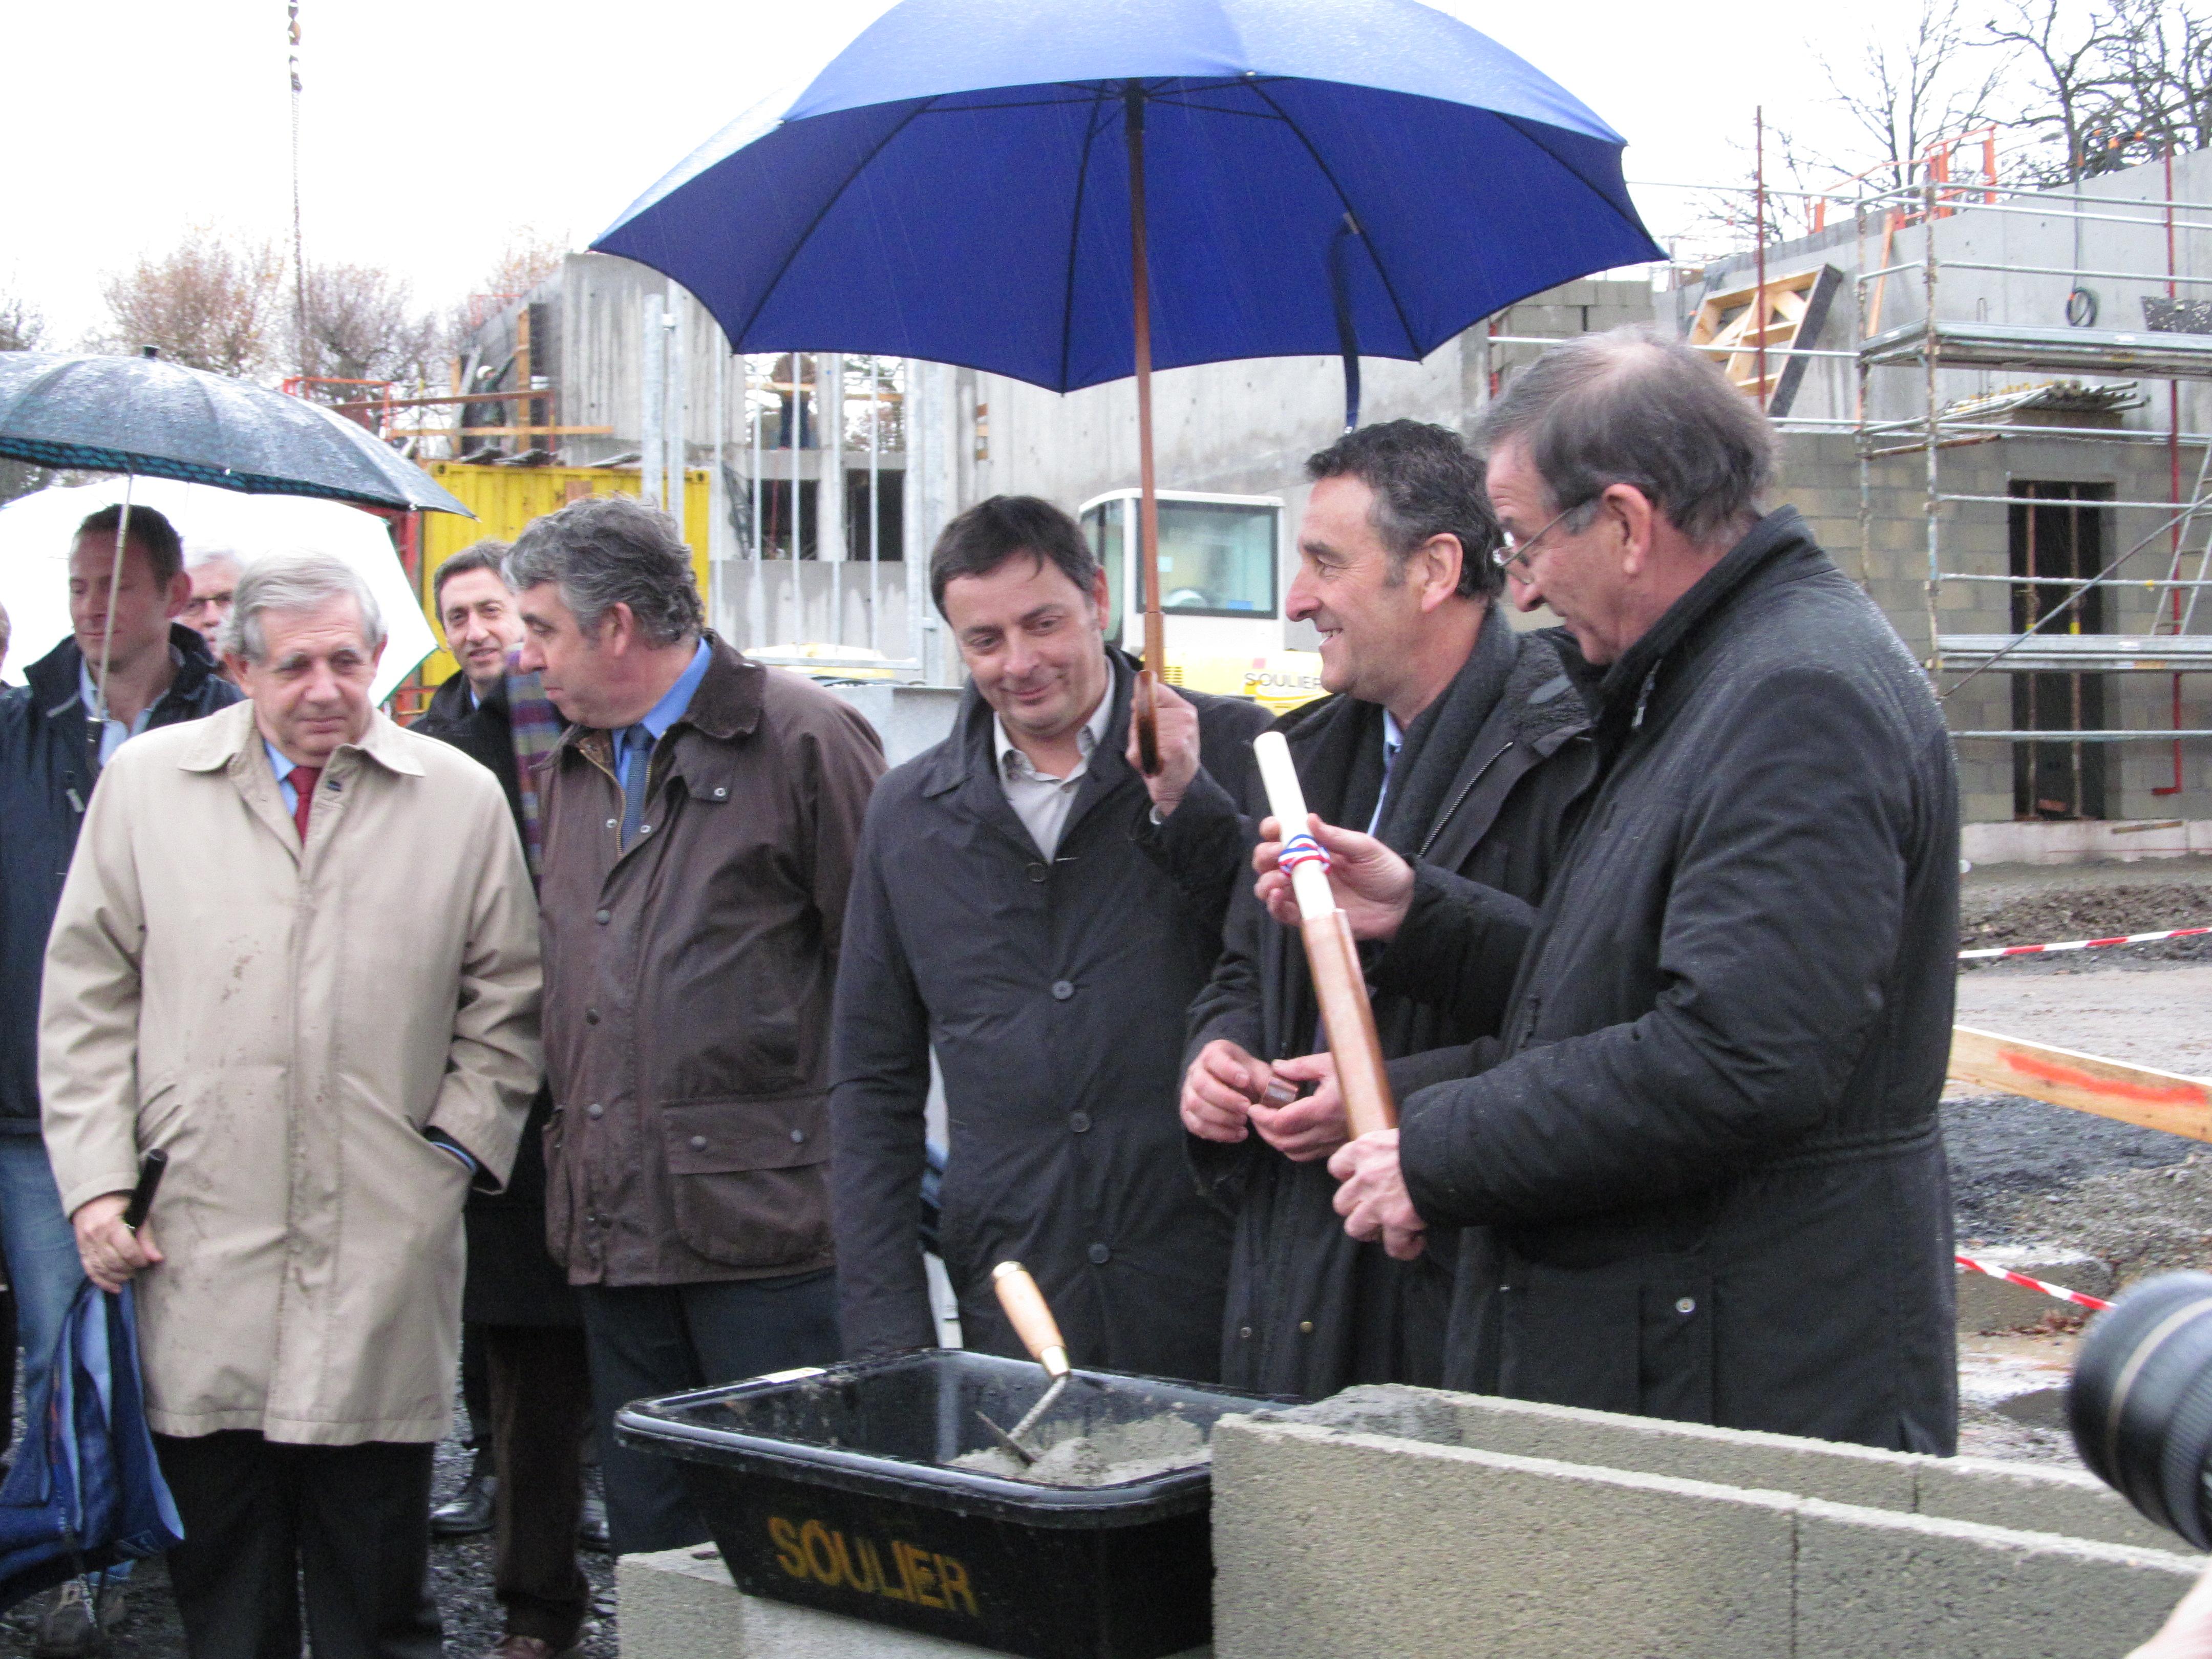 Pose premiere pierre éco-quartier de Tronquière 26 novembre 2012